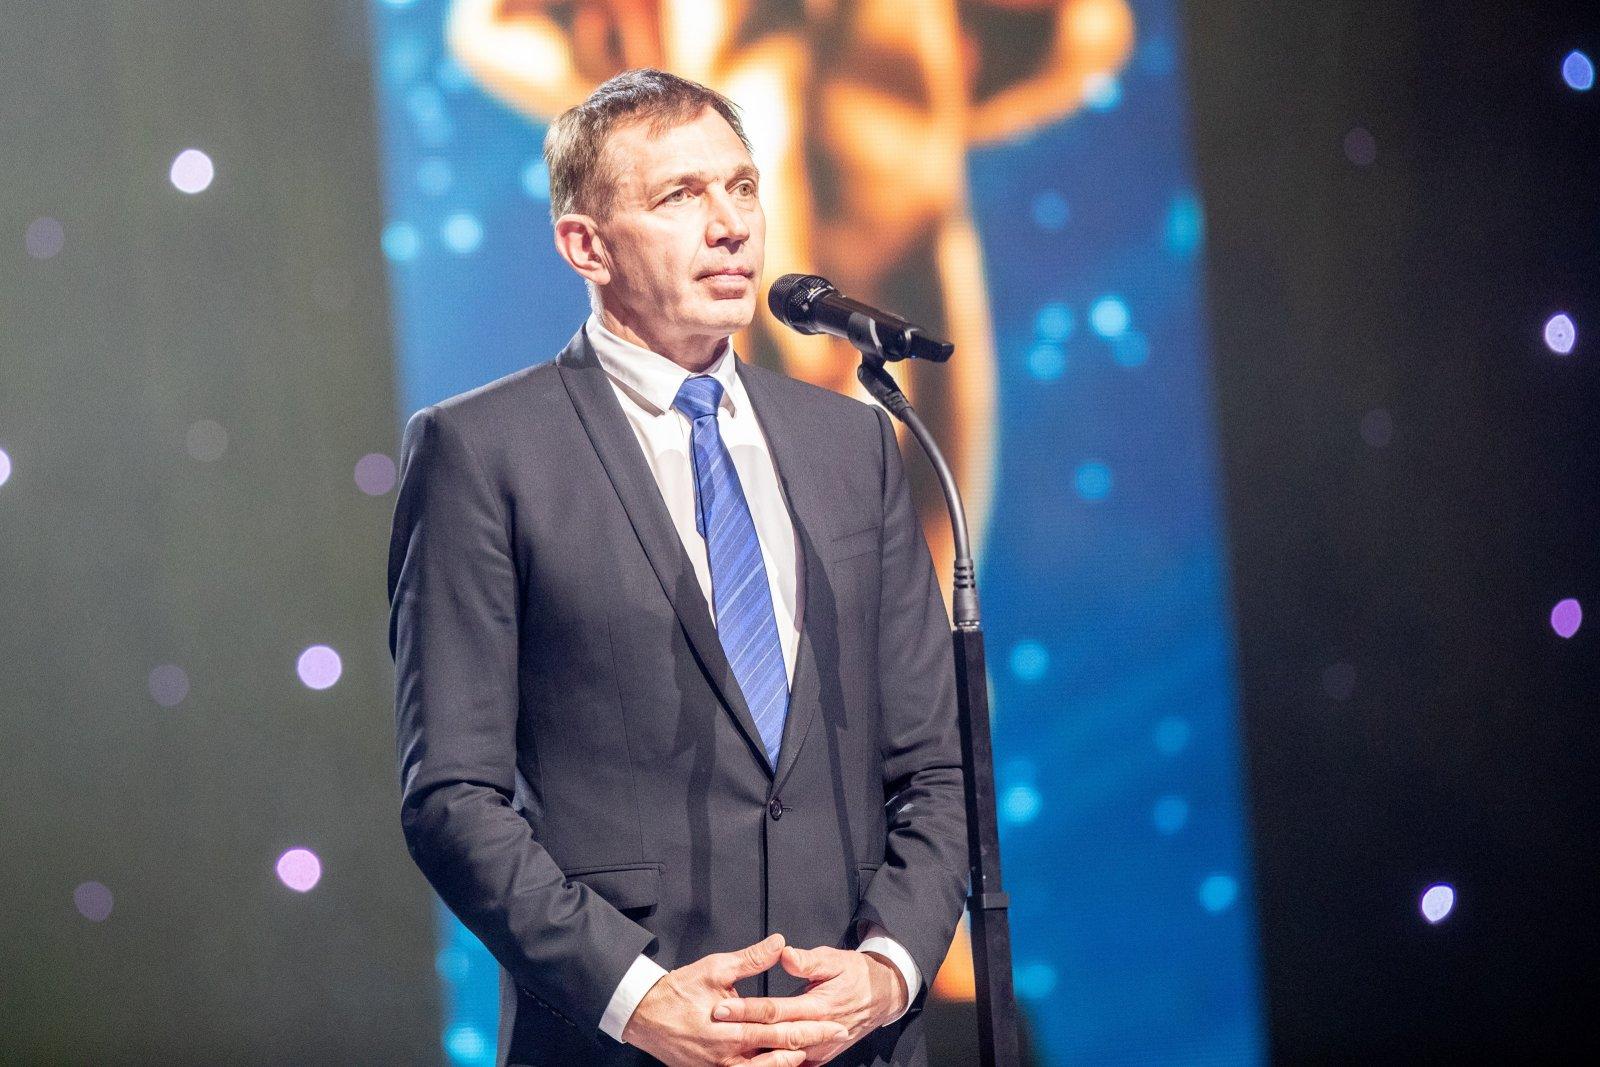 EOK presidendivalimised:  Urmas Sõõrumaa ja Tõnu Tõniste said ametlikeks kandidaatideks, Sõõrumaal suur edu